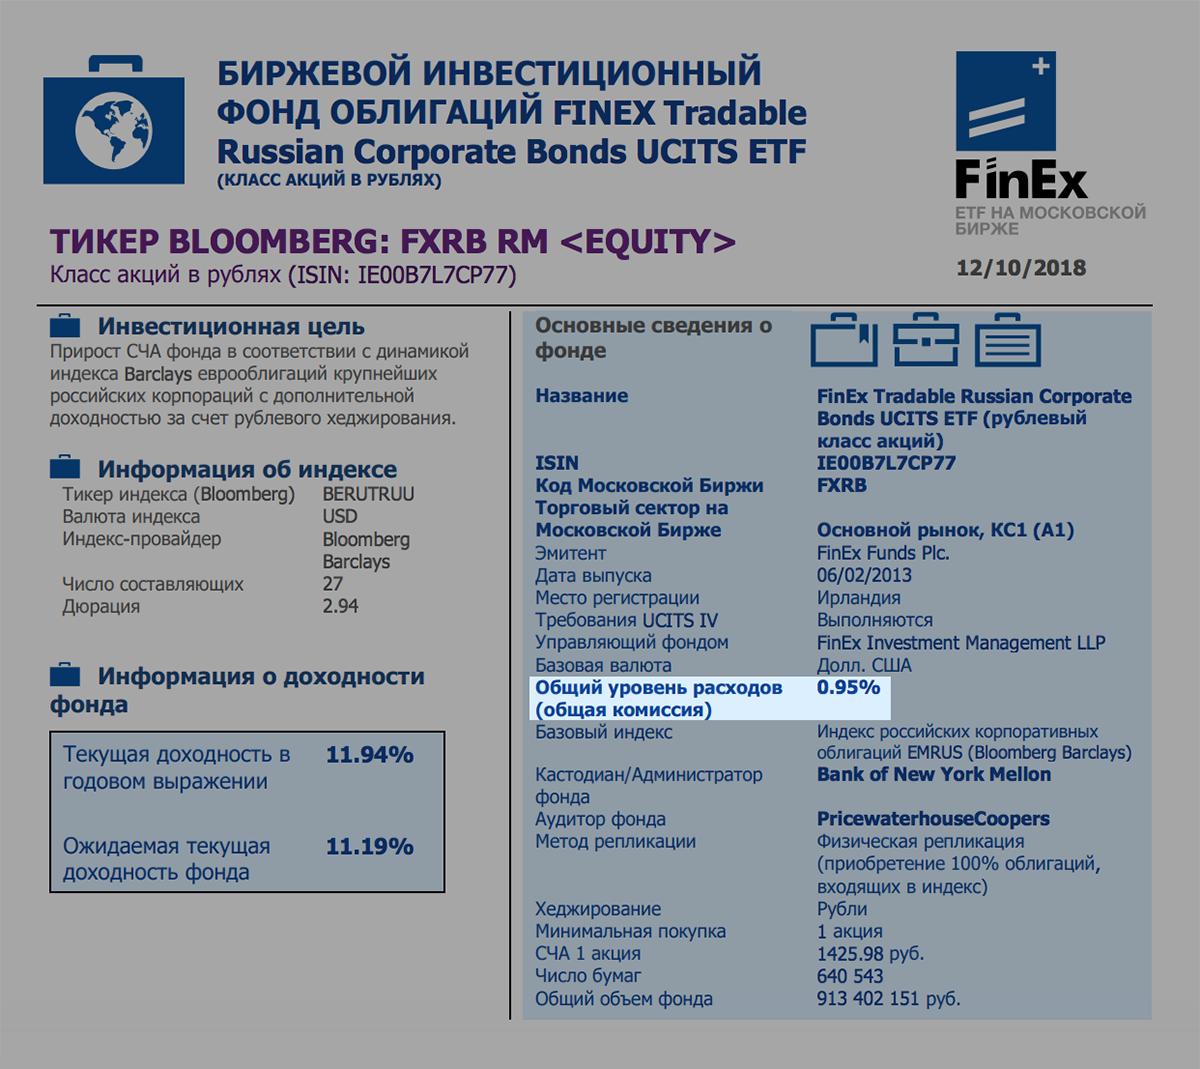 Описание фонда FXRB. Общий уровень расходов — 0,95% в год